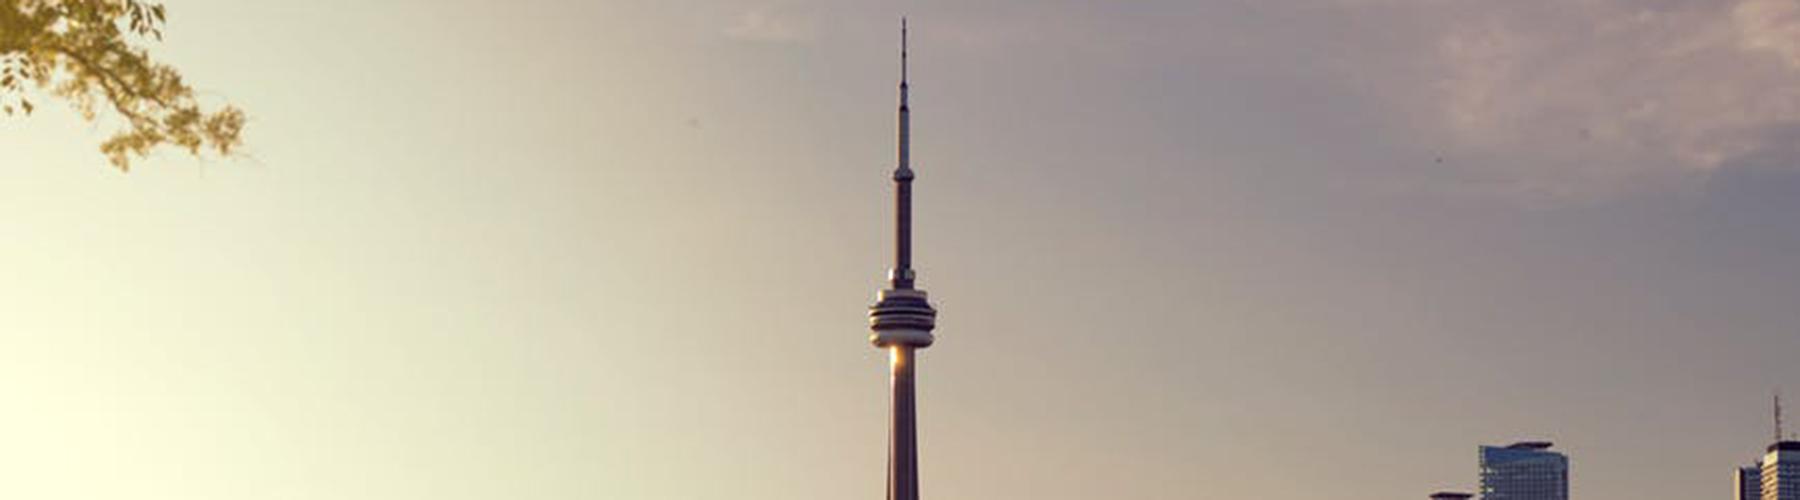 토론토 - CN 타워에 가까운 호스텔. 토론토의 지도, 토론토에 위치한 호스텔에 대한 사진 및 리뷰.